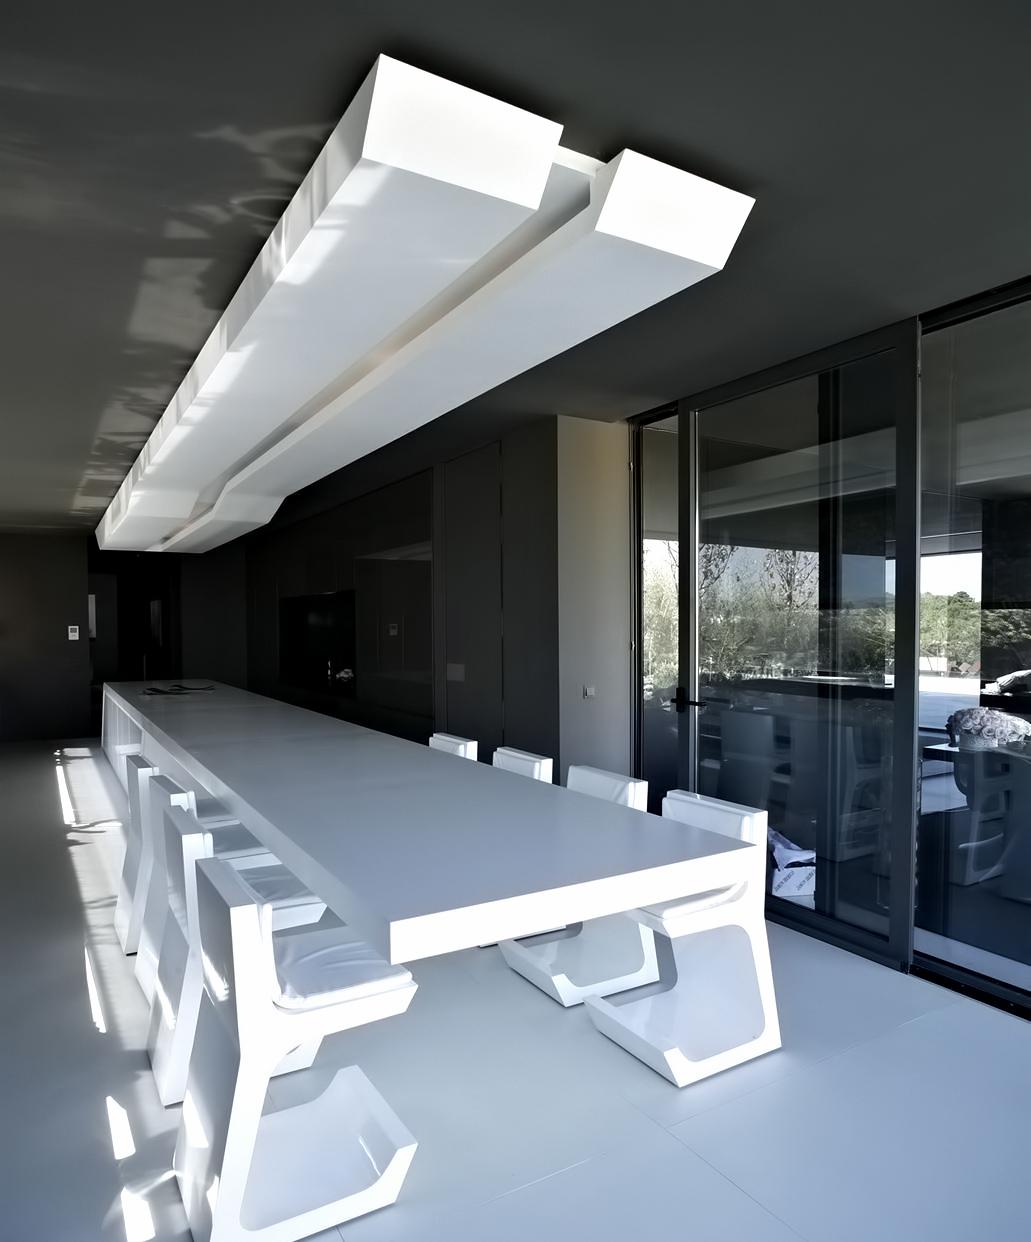 Vivienda en Somosaguas – Pozuelo de Alarcón, Madrid, Spain